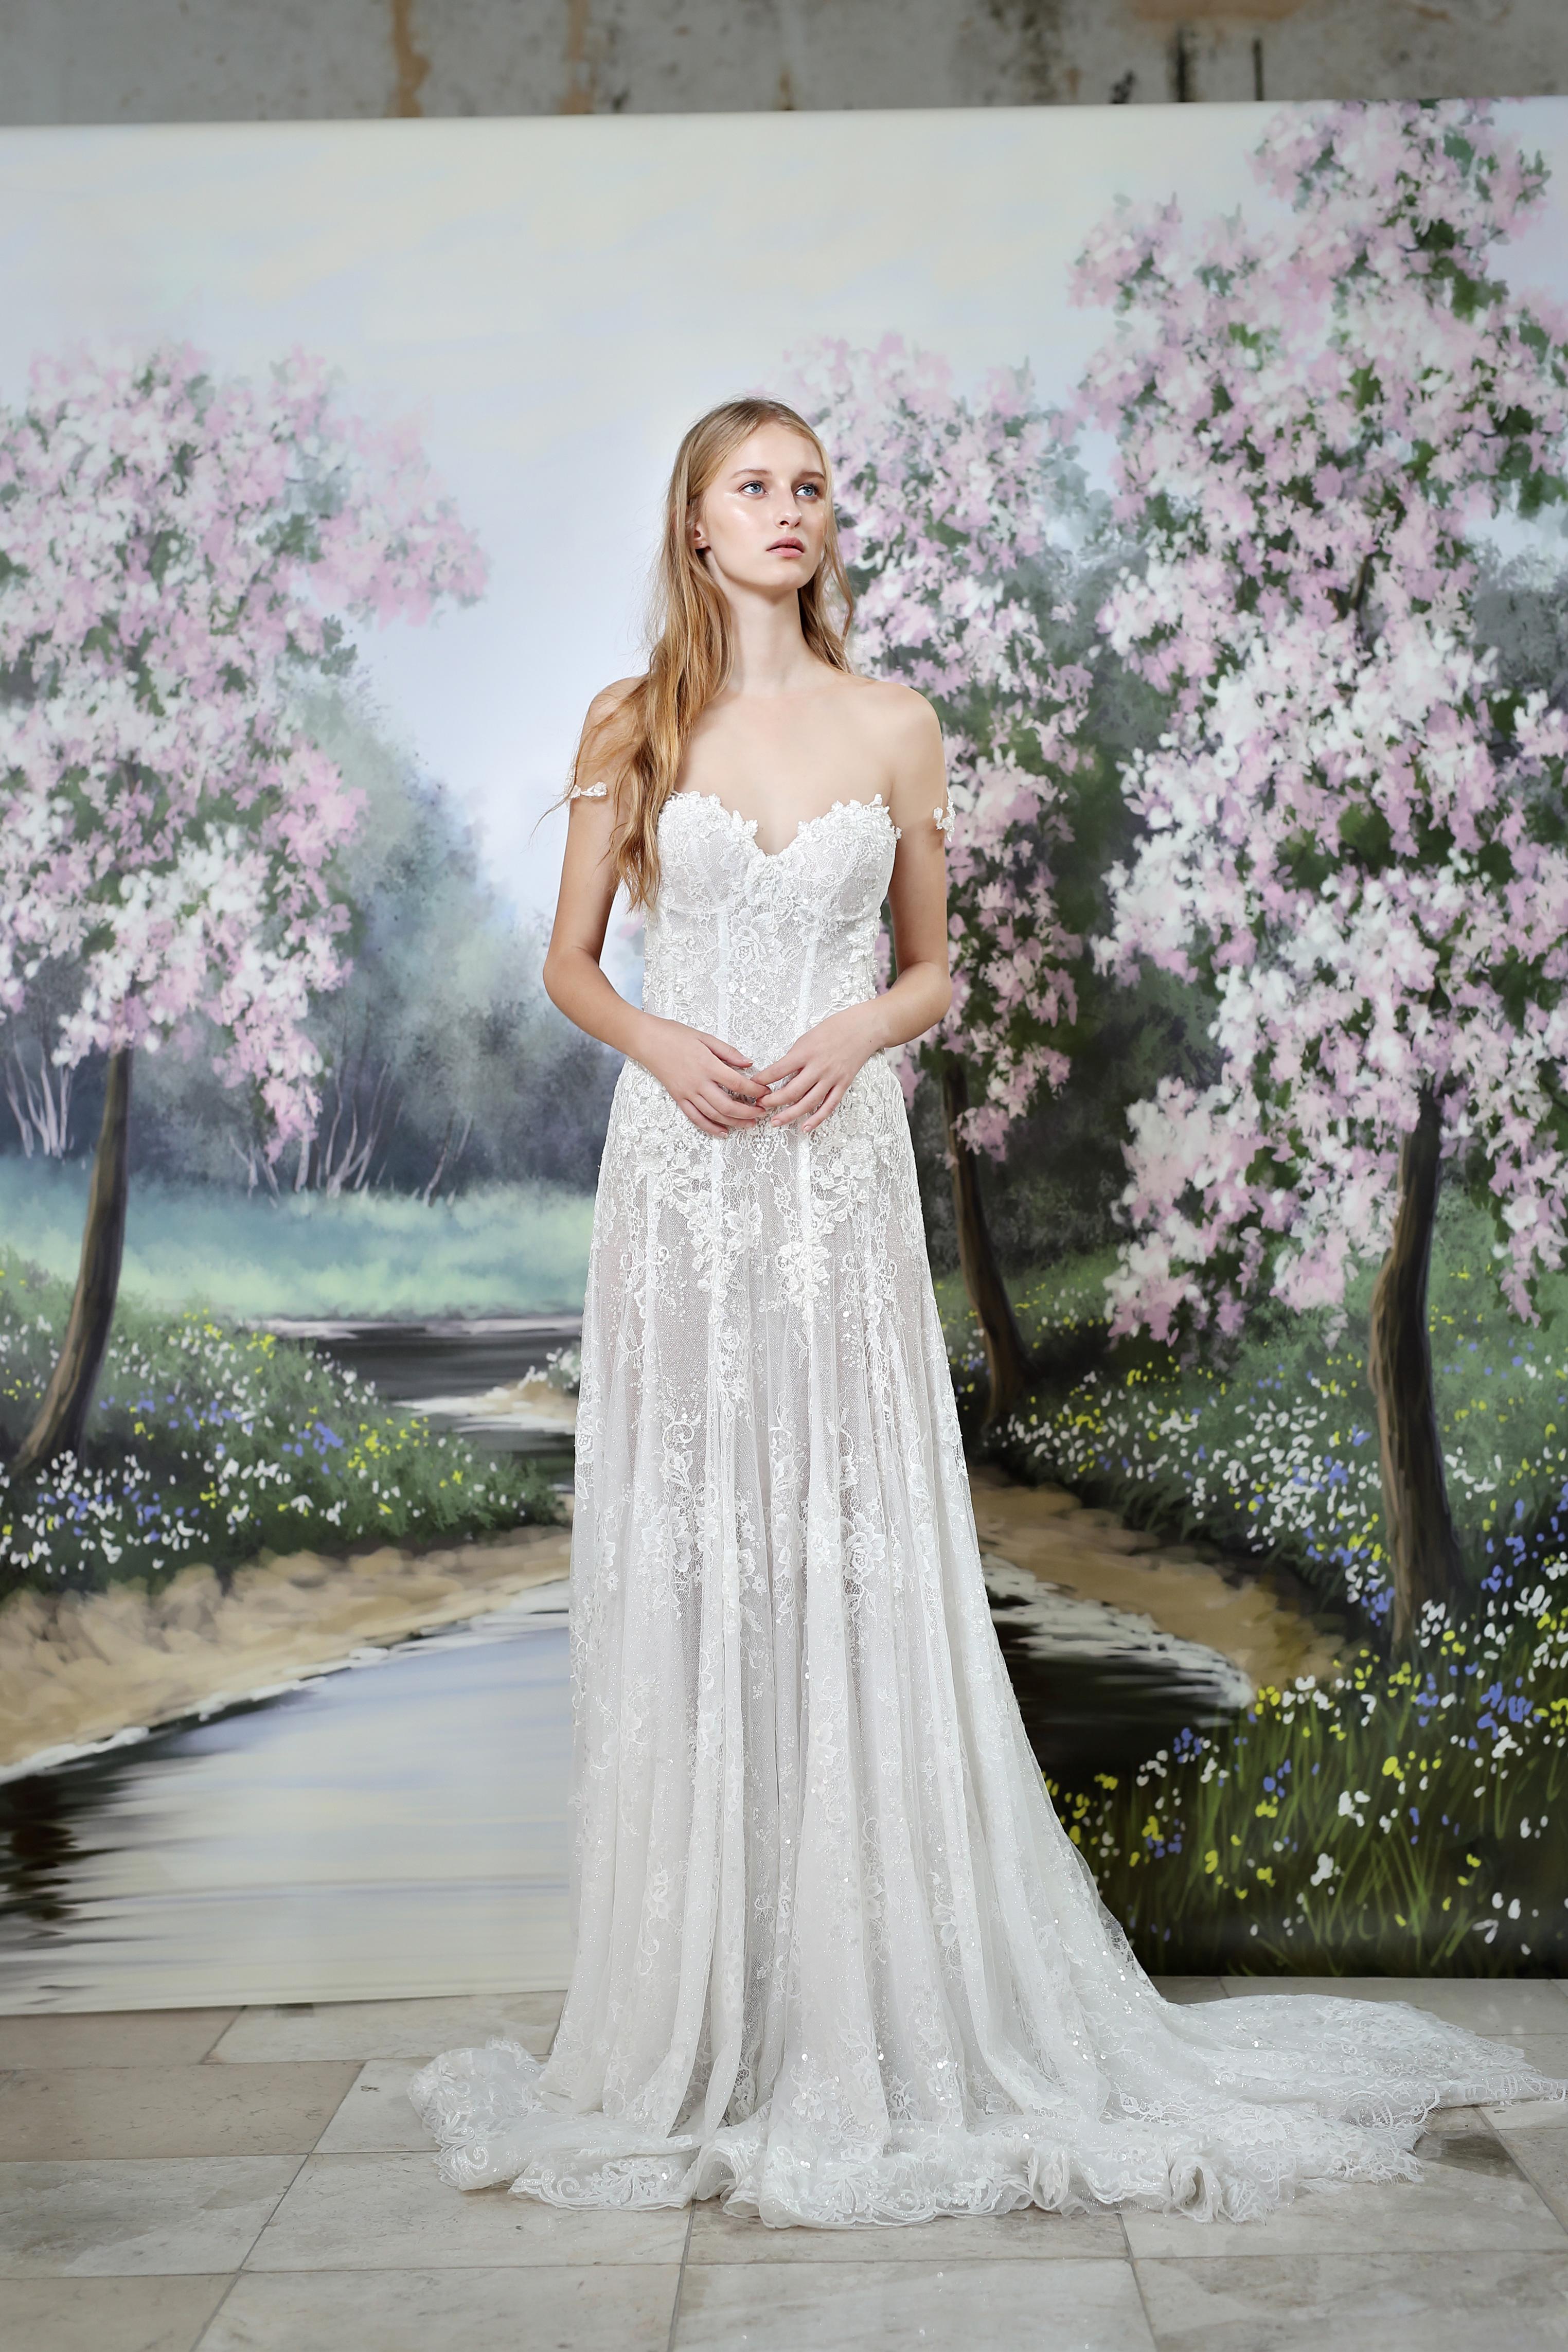 Gala by Galia Lahav strapless wedding dress fall 2019